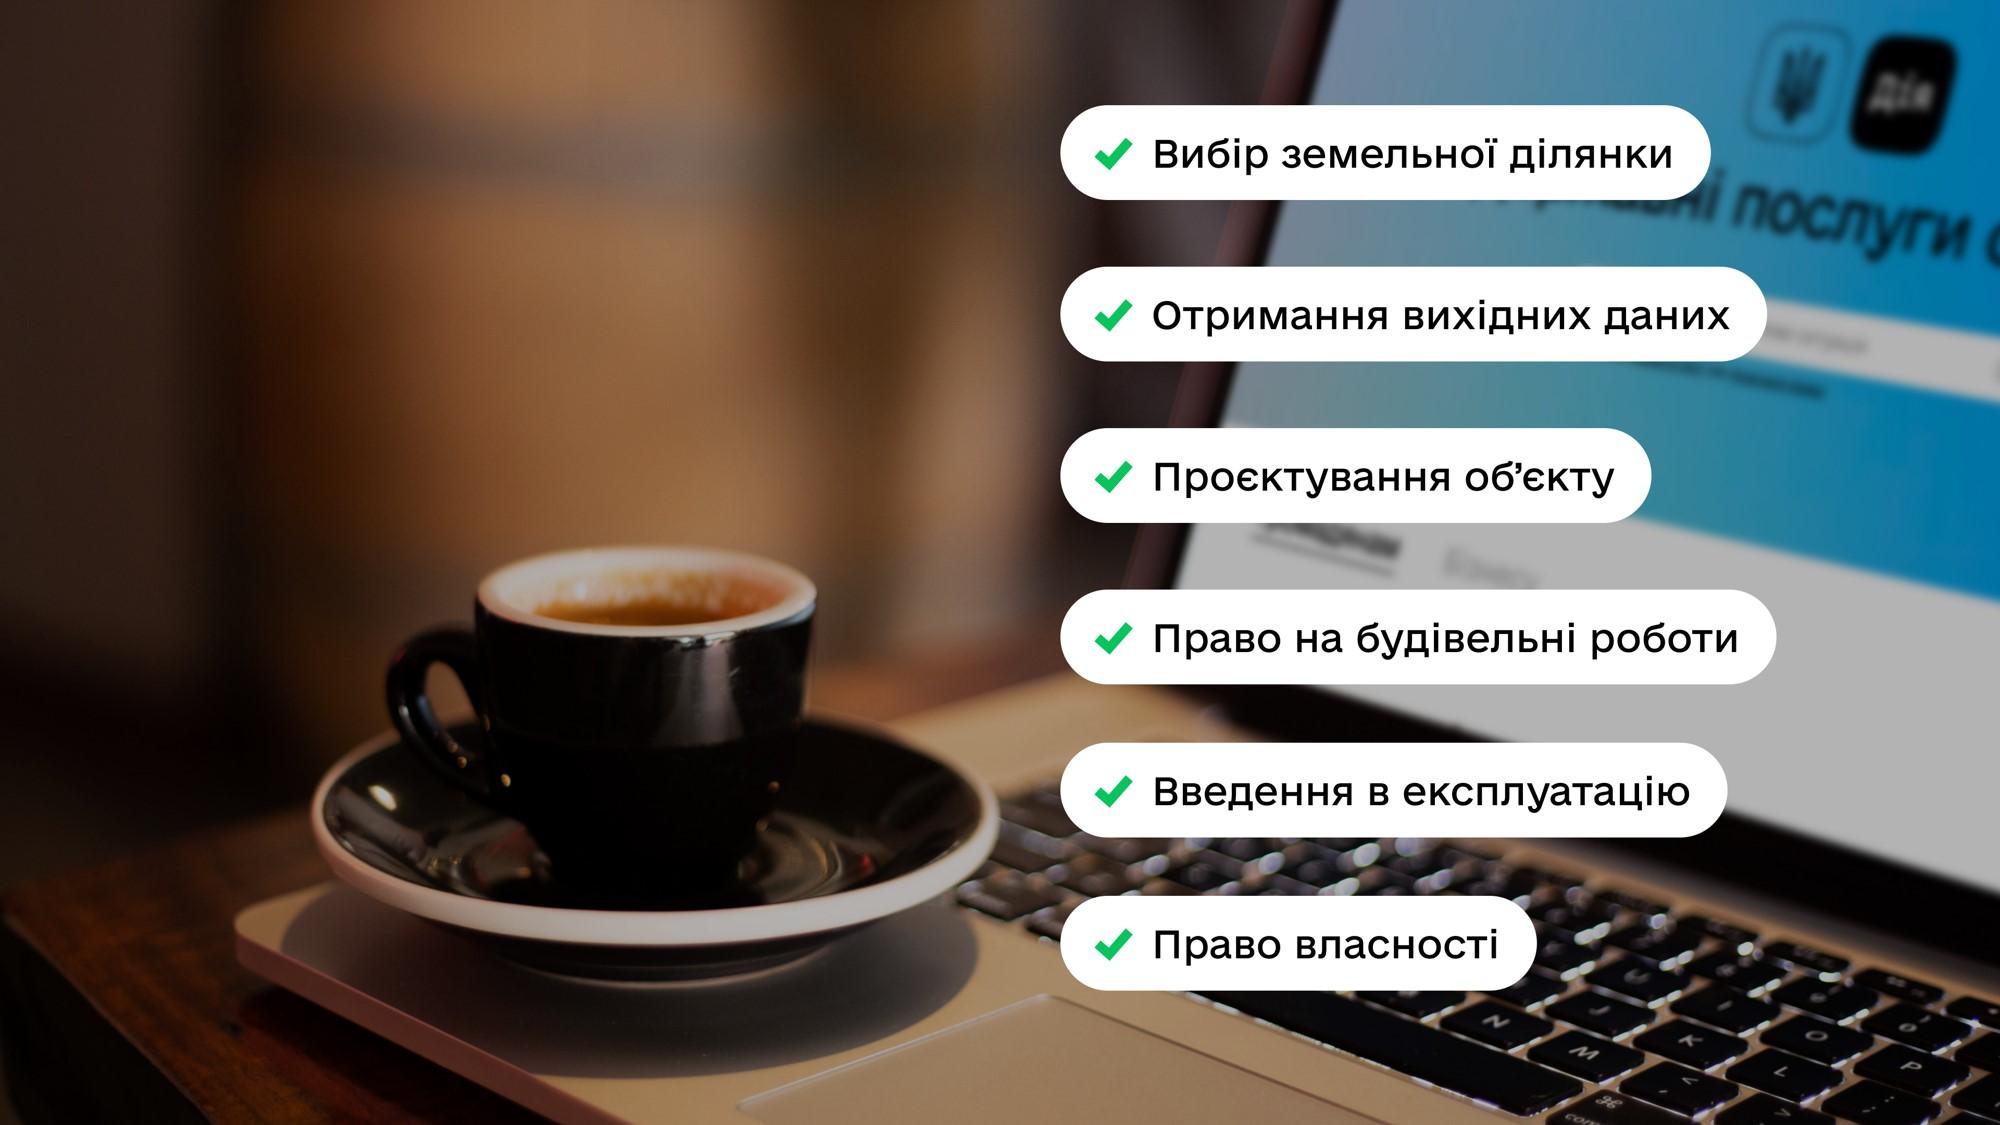 Источник: презентация Кабмина проекта реформы ГАСИ